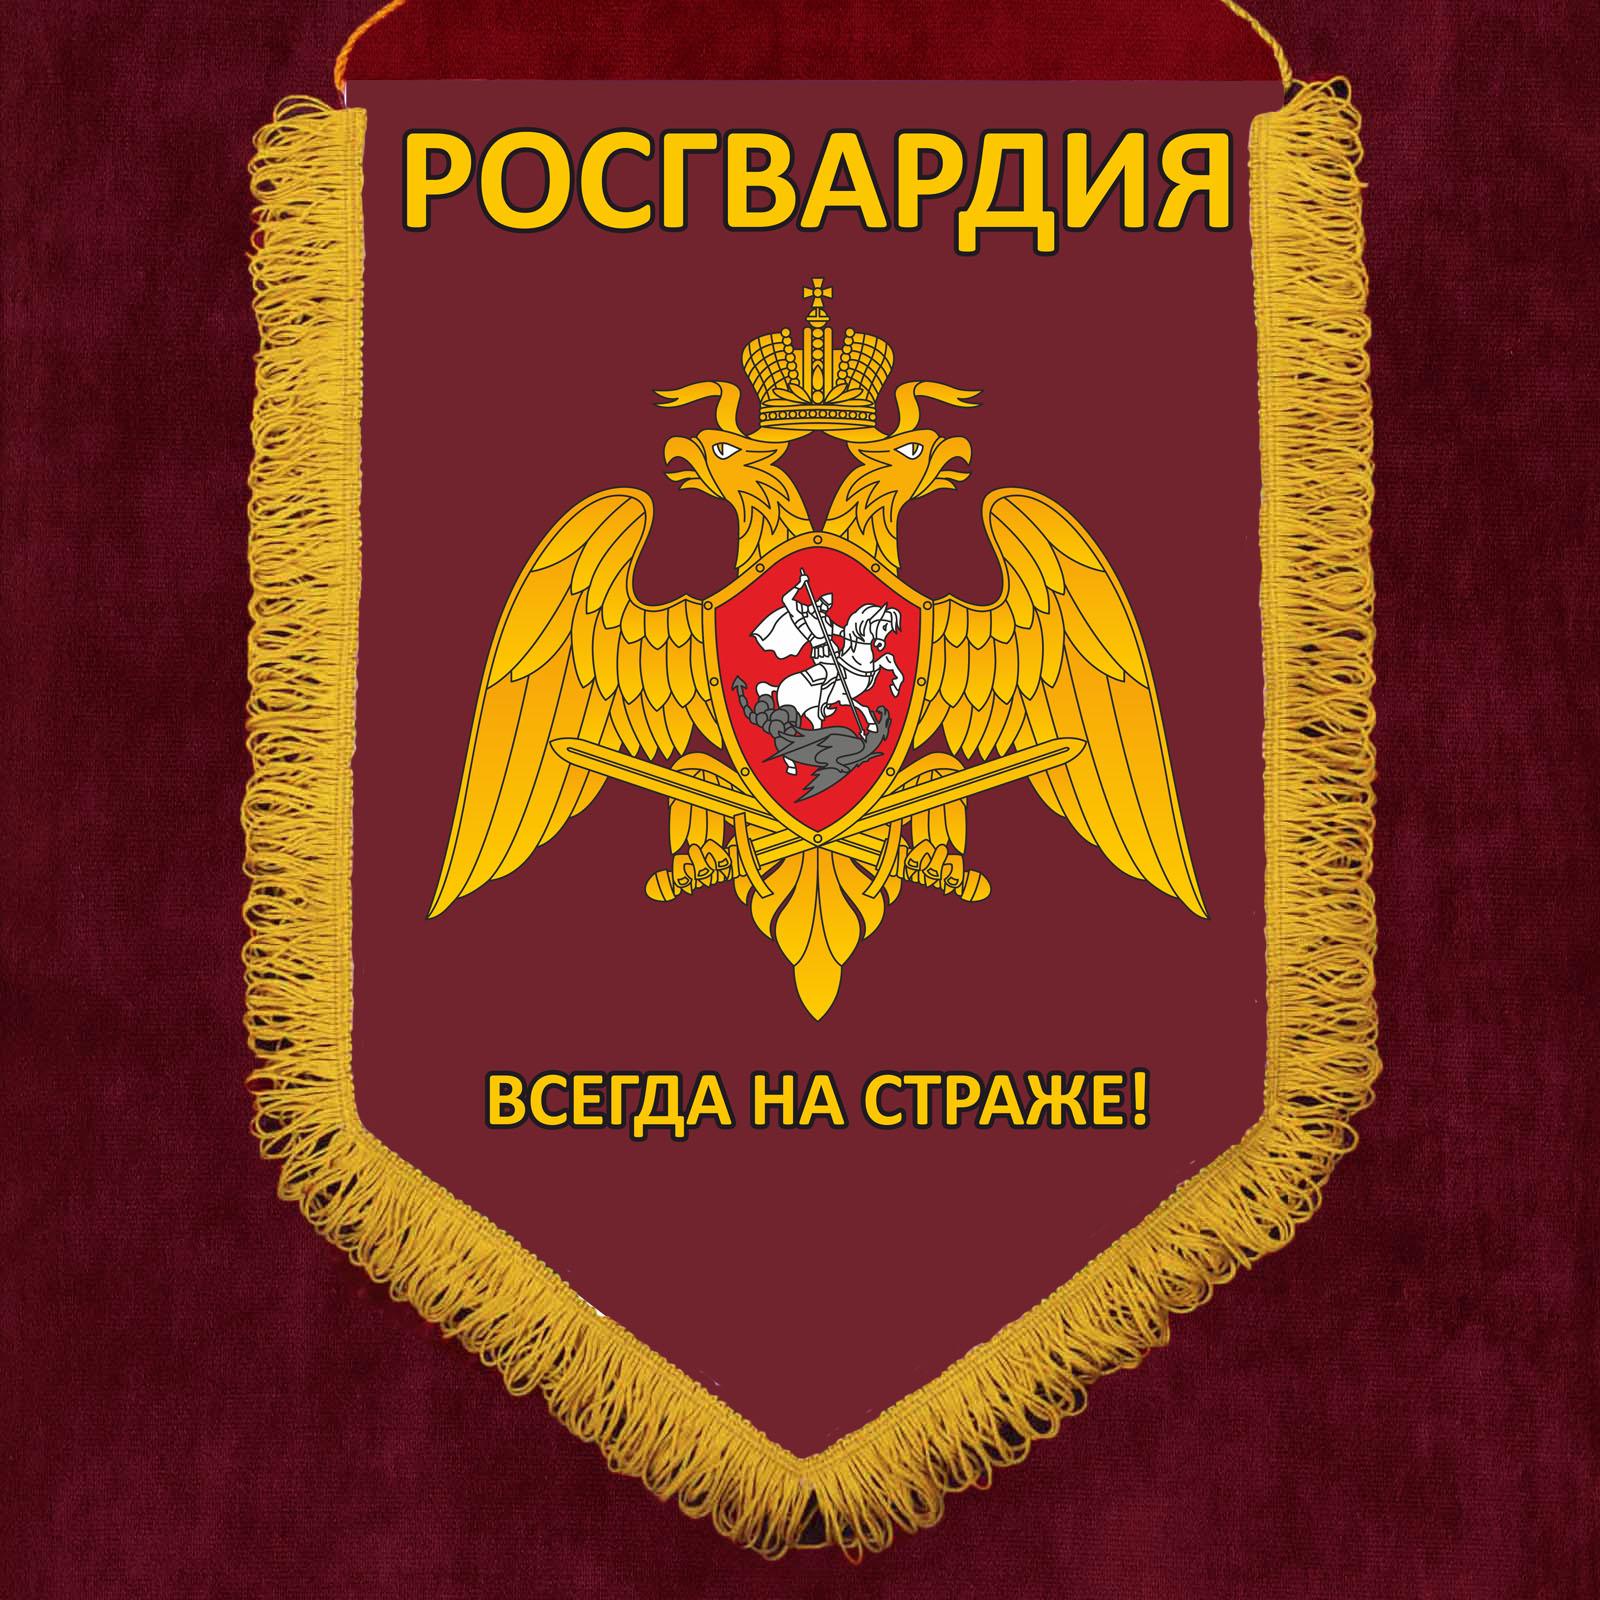 """Подарочный вымпел """"Росгвардия"""" с девизом"""